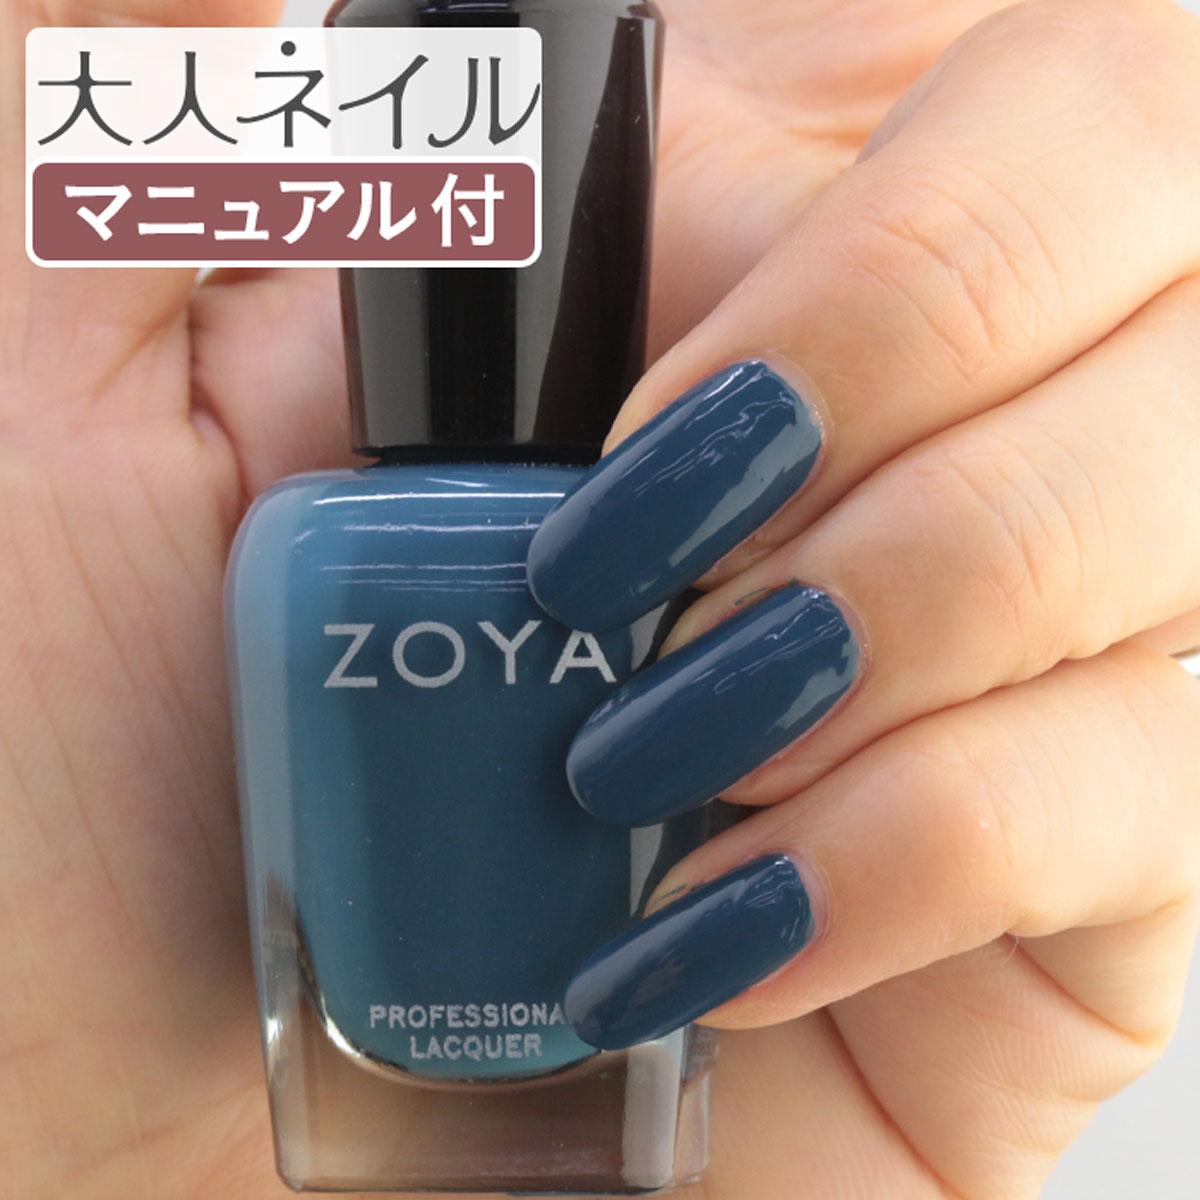 ZOYA ゾーヤ ゾヤ ネイルカラー ZP1056 15mL LOU 自爪 の為に作られた ネイル 爪にやさしい 自然派 マニキュア zoya セルフネイル にもおすすめ Cream クリーム ブルー 秋ネイル 秋カラー